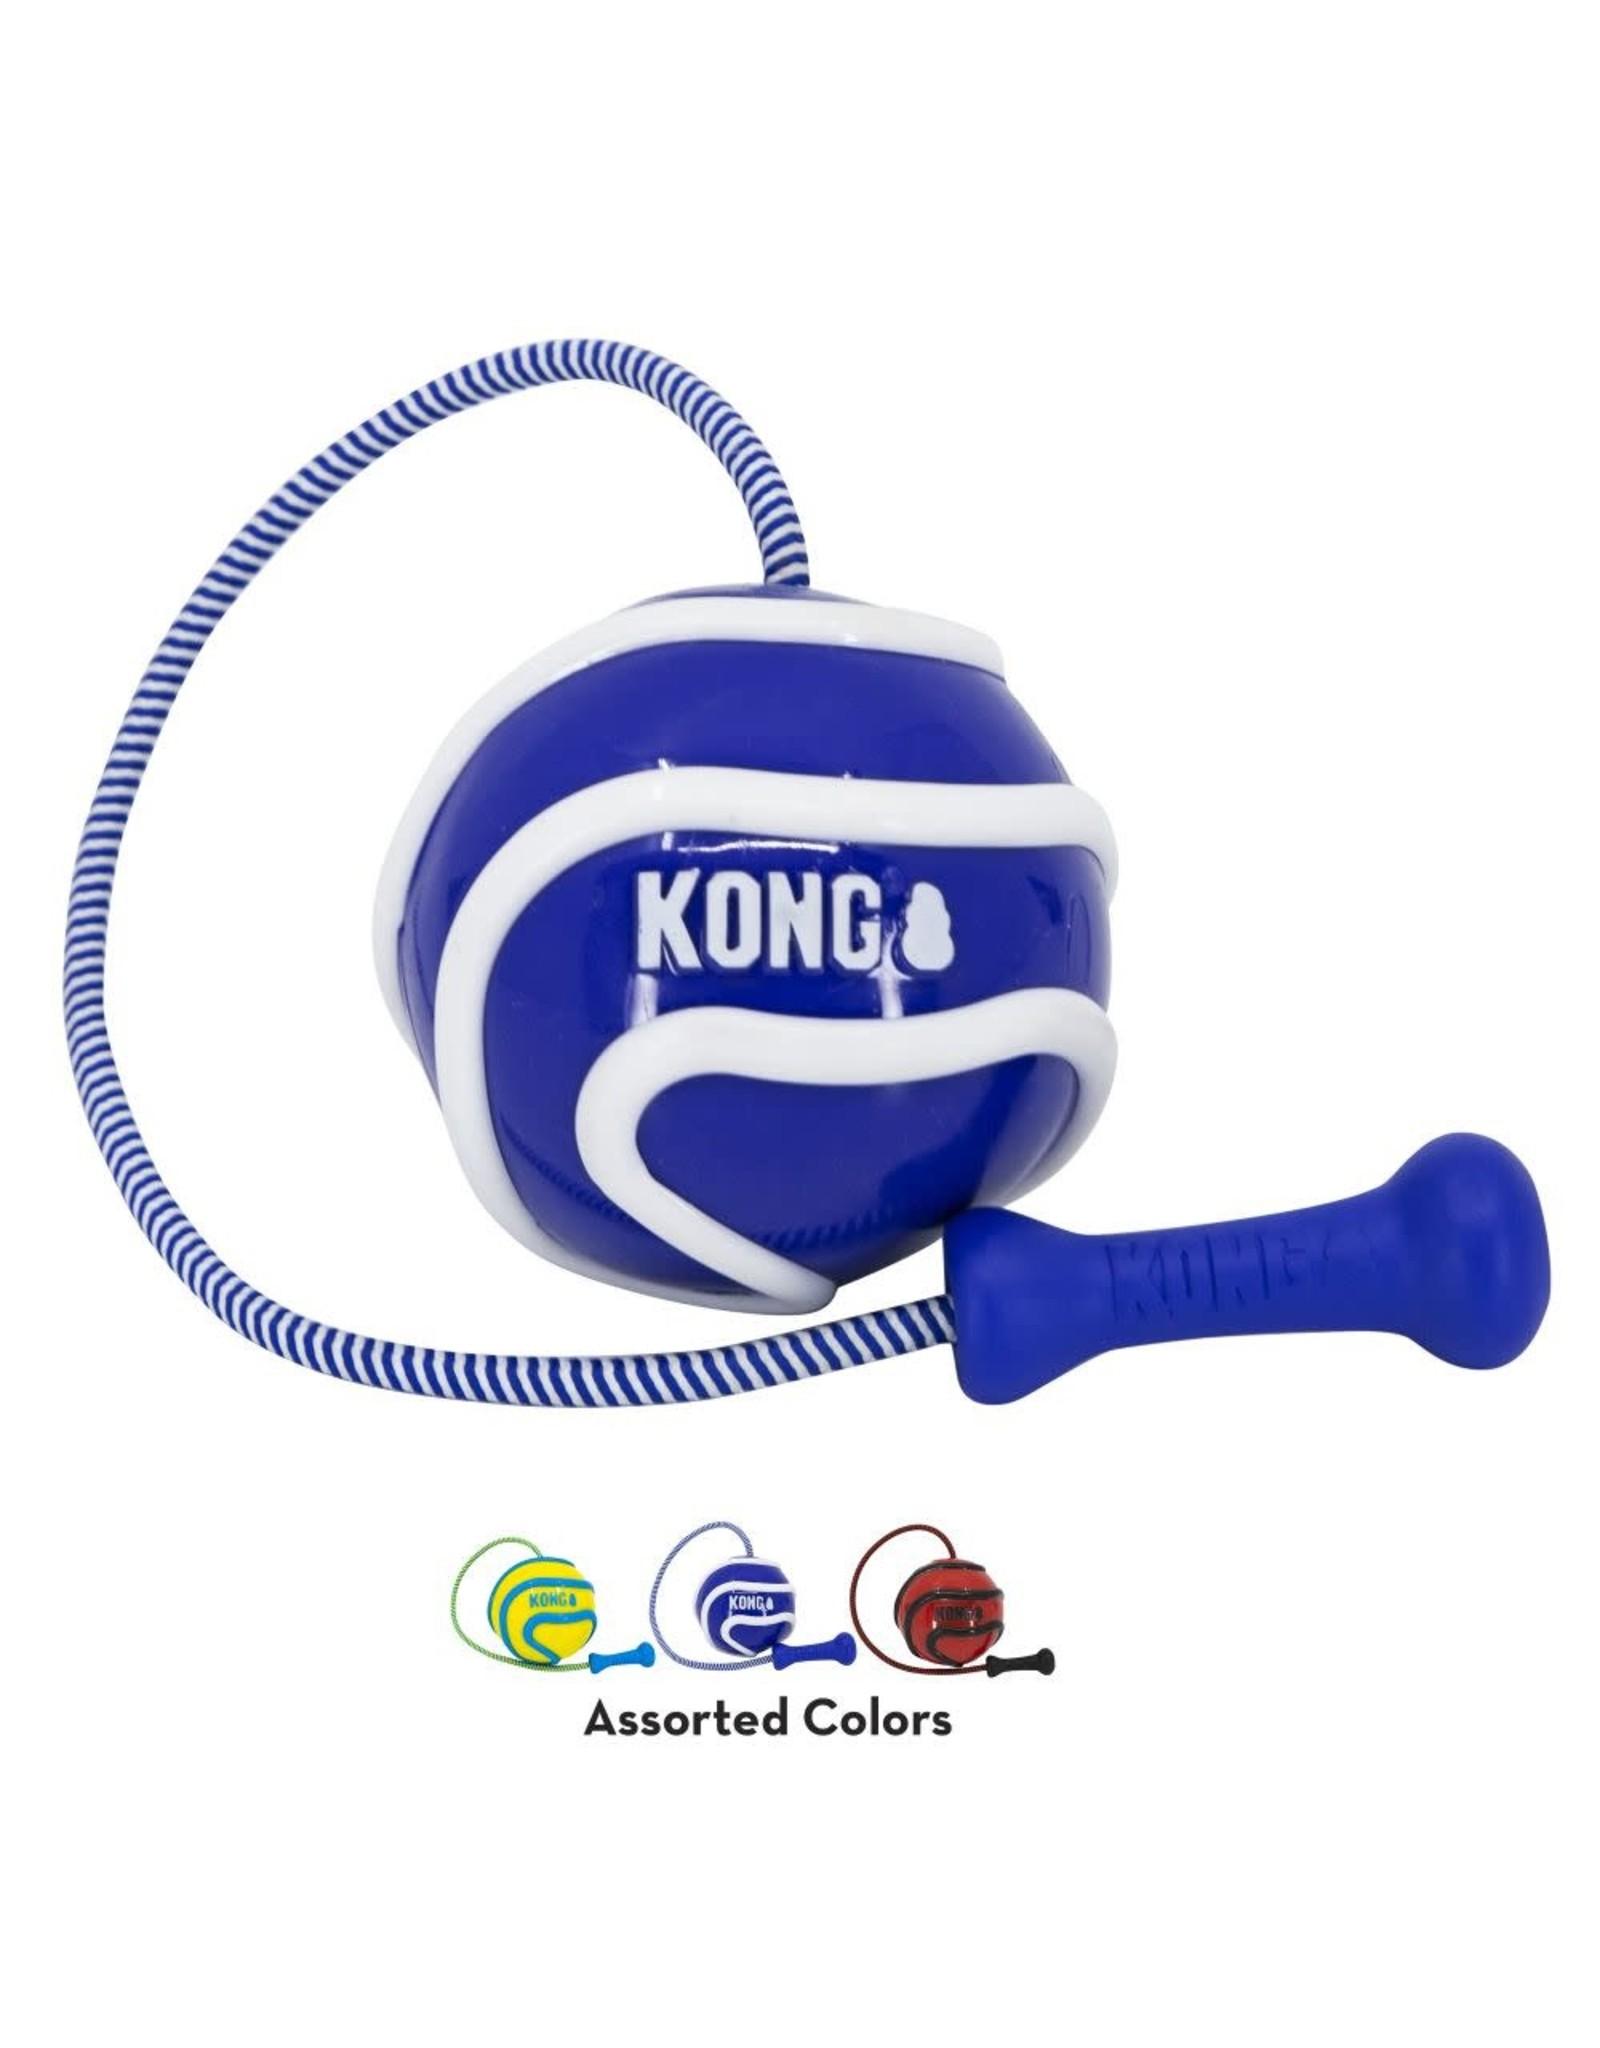 KONG Bunjiball Retrieval Dog Toy, Medium